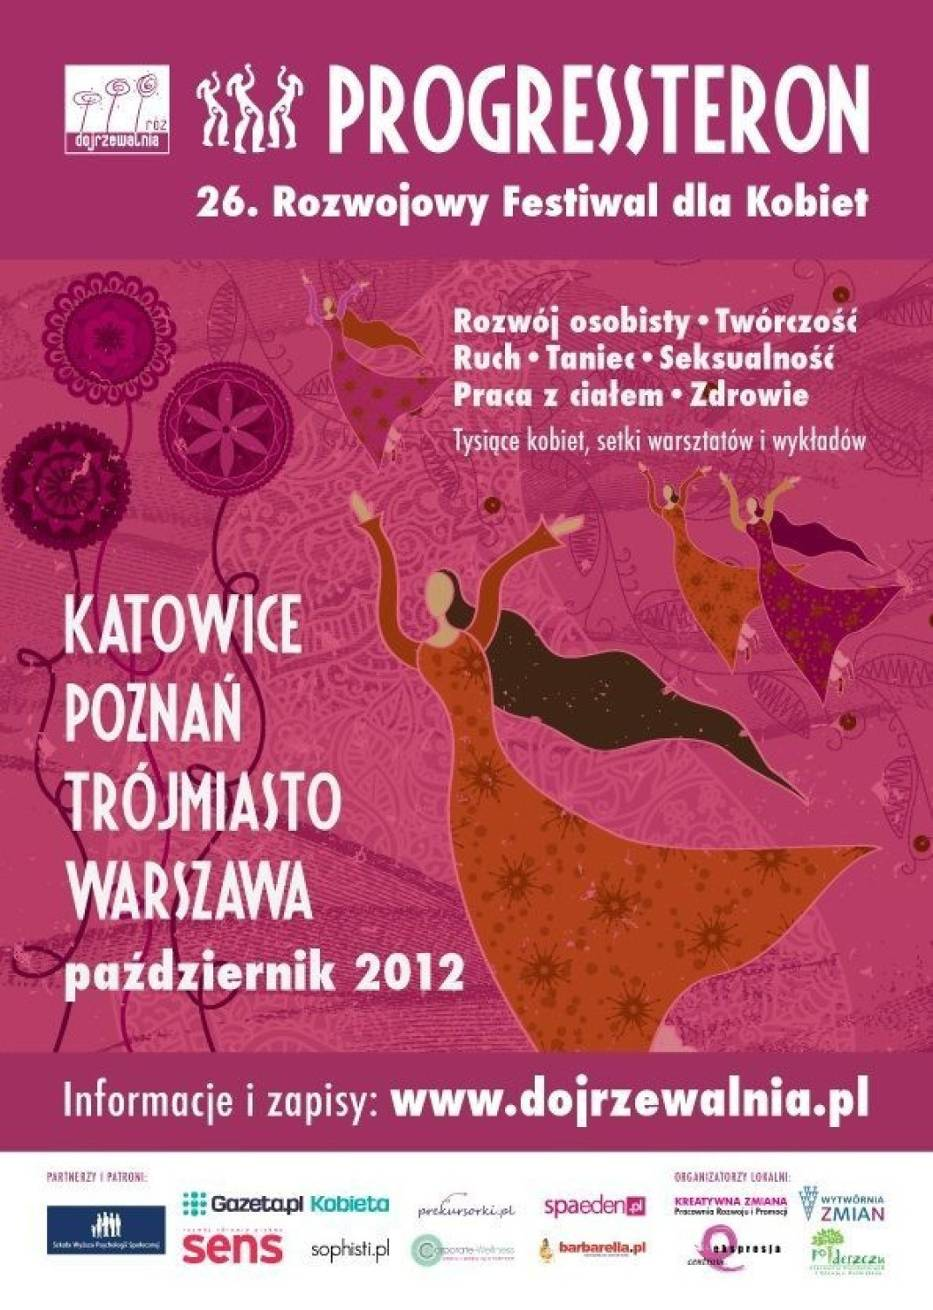 Festiwal PROGRESSteron to dwa jesienne weekendy: 19-21 oraz 26-28 października 2012